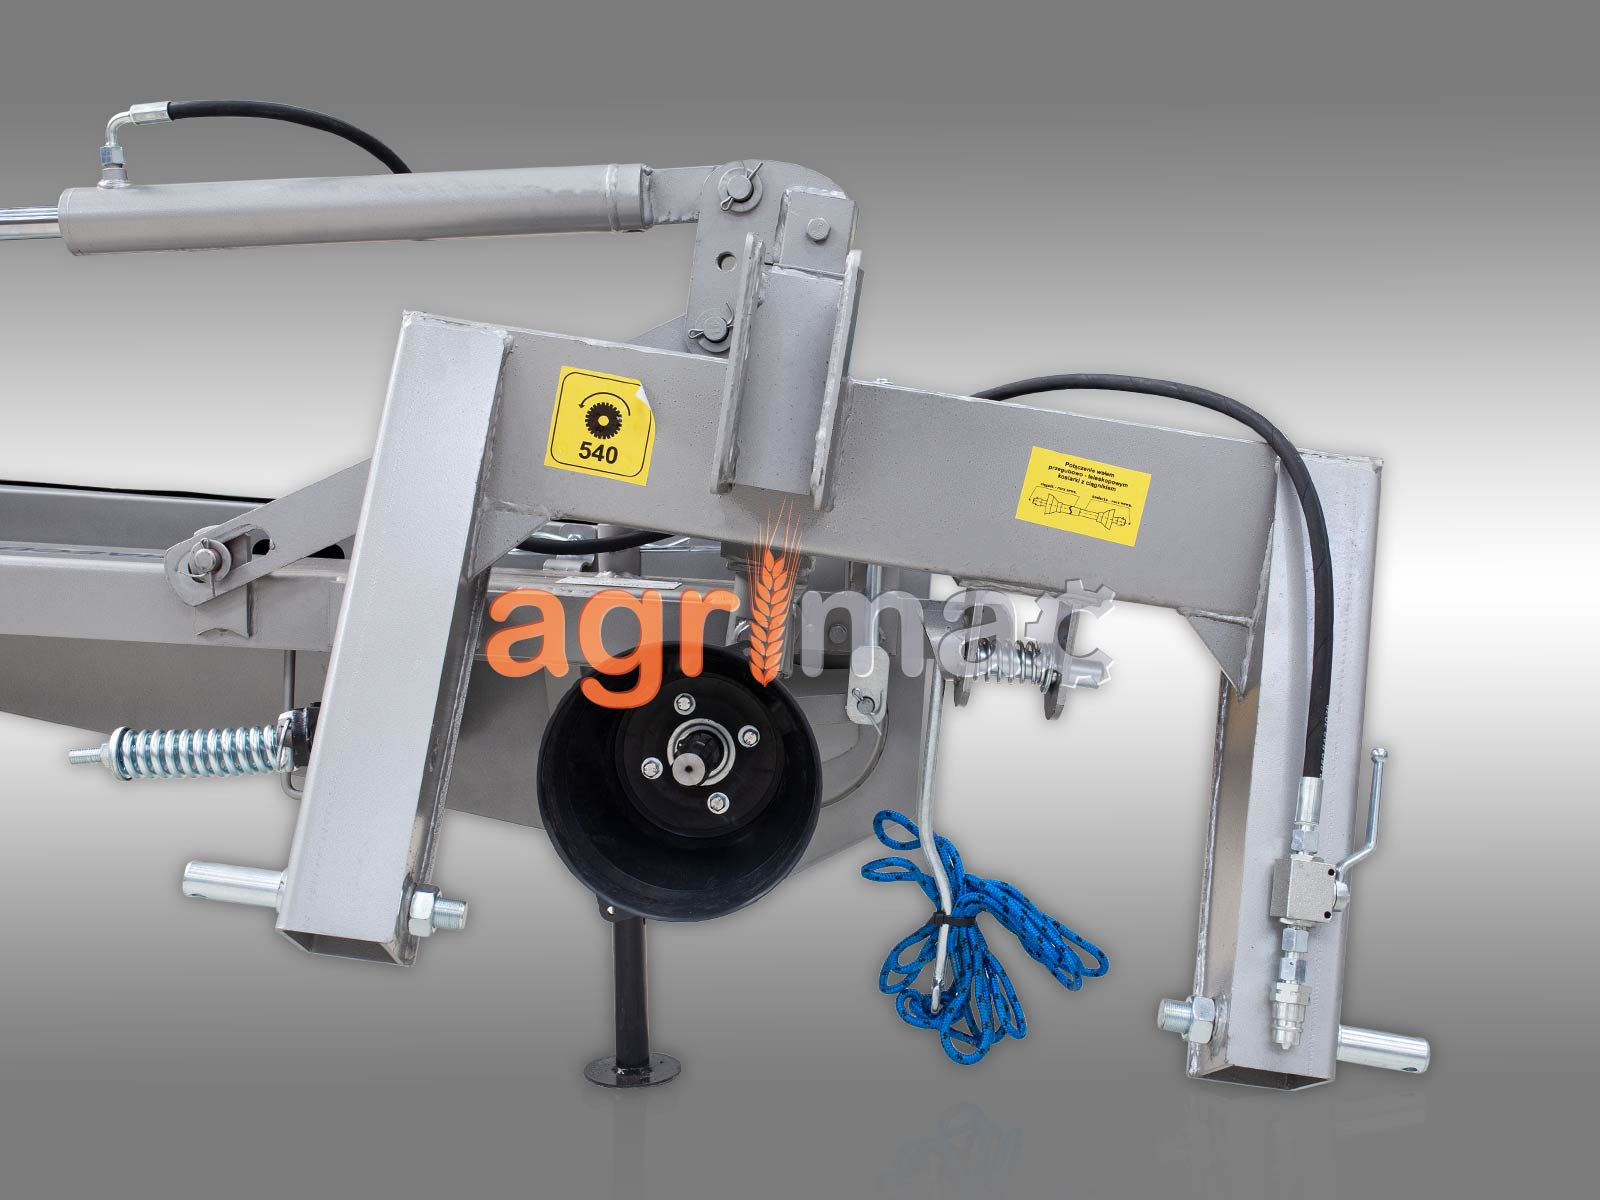 γεωργικα μηχανηματα χορτοκοπτικο